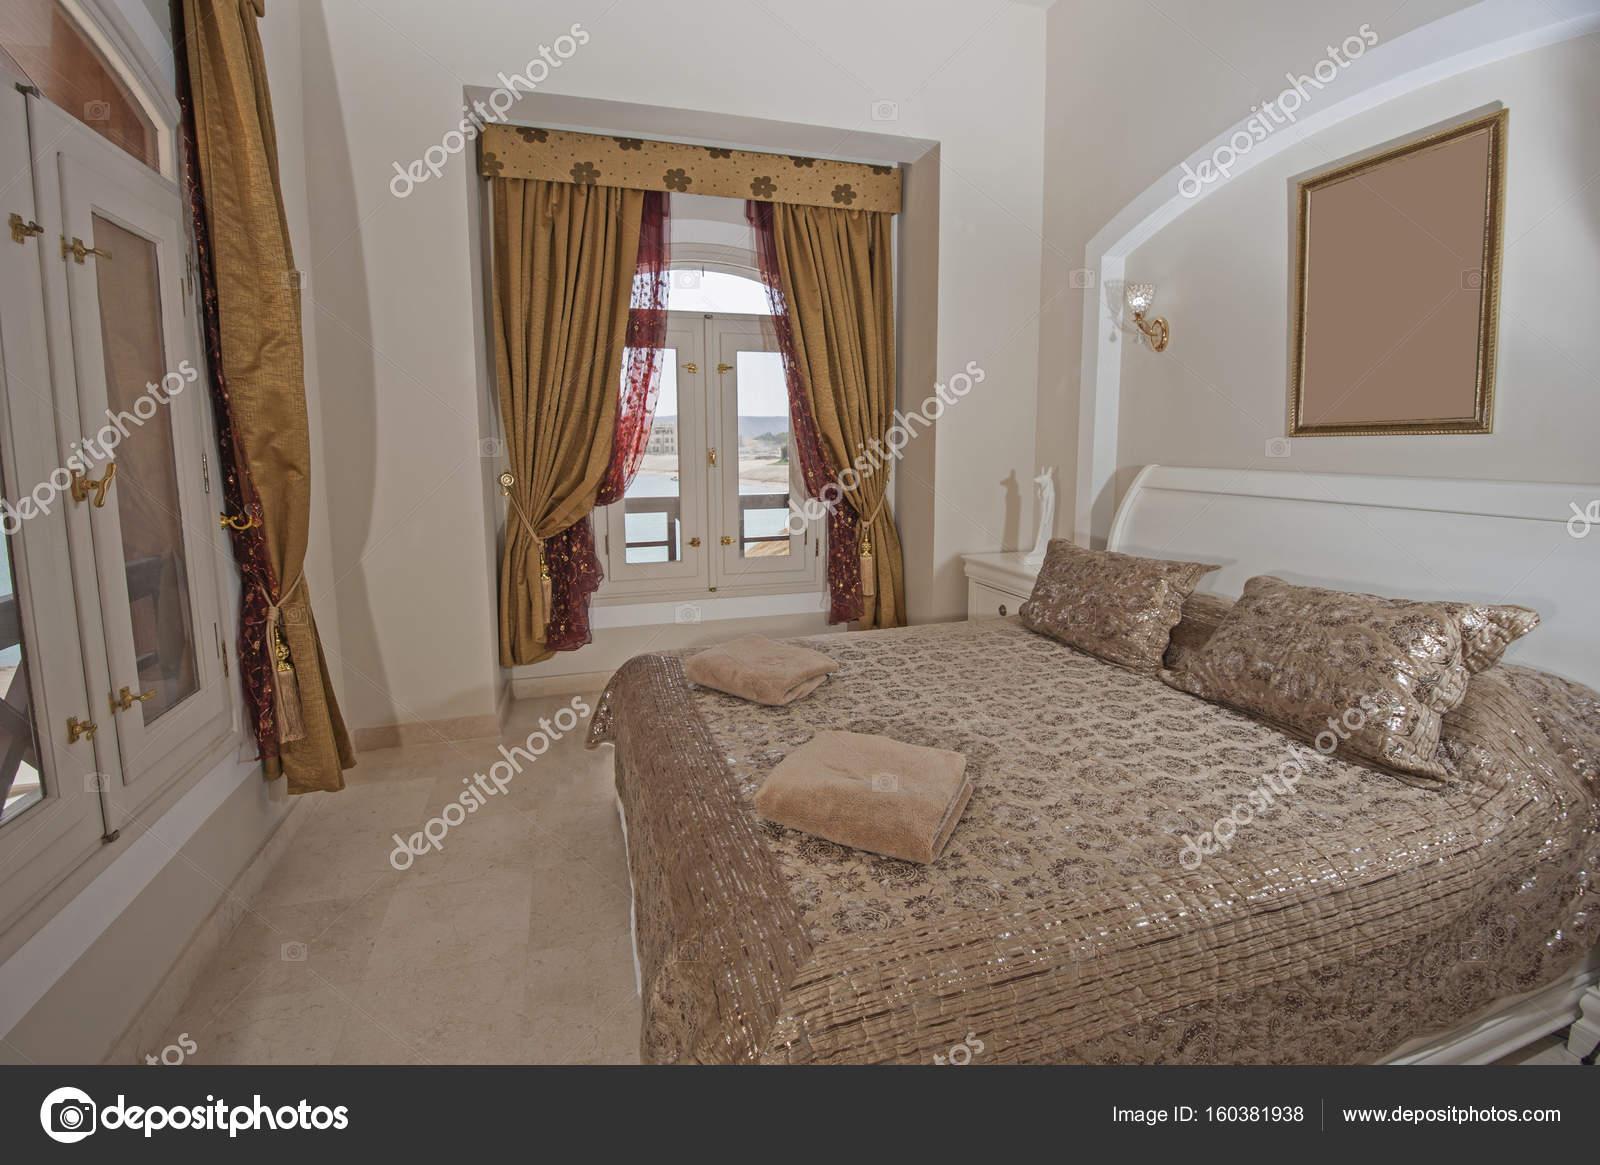 Inneneinrichtung der Zimmer im Haus — Stockfoto © paulvinten #160381938